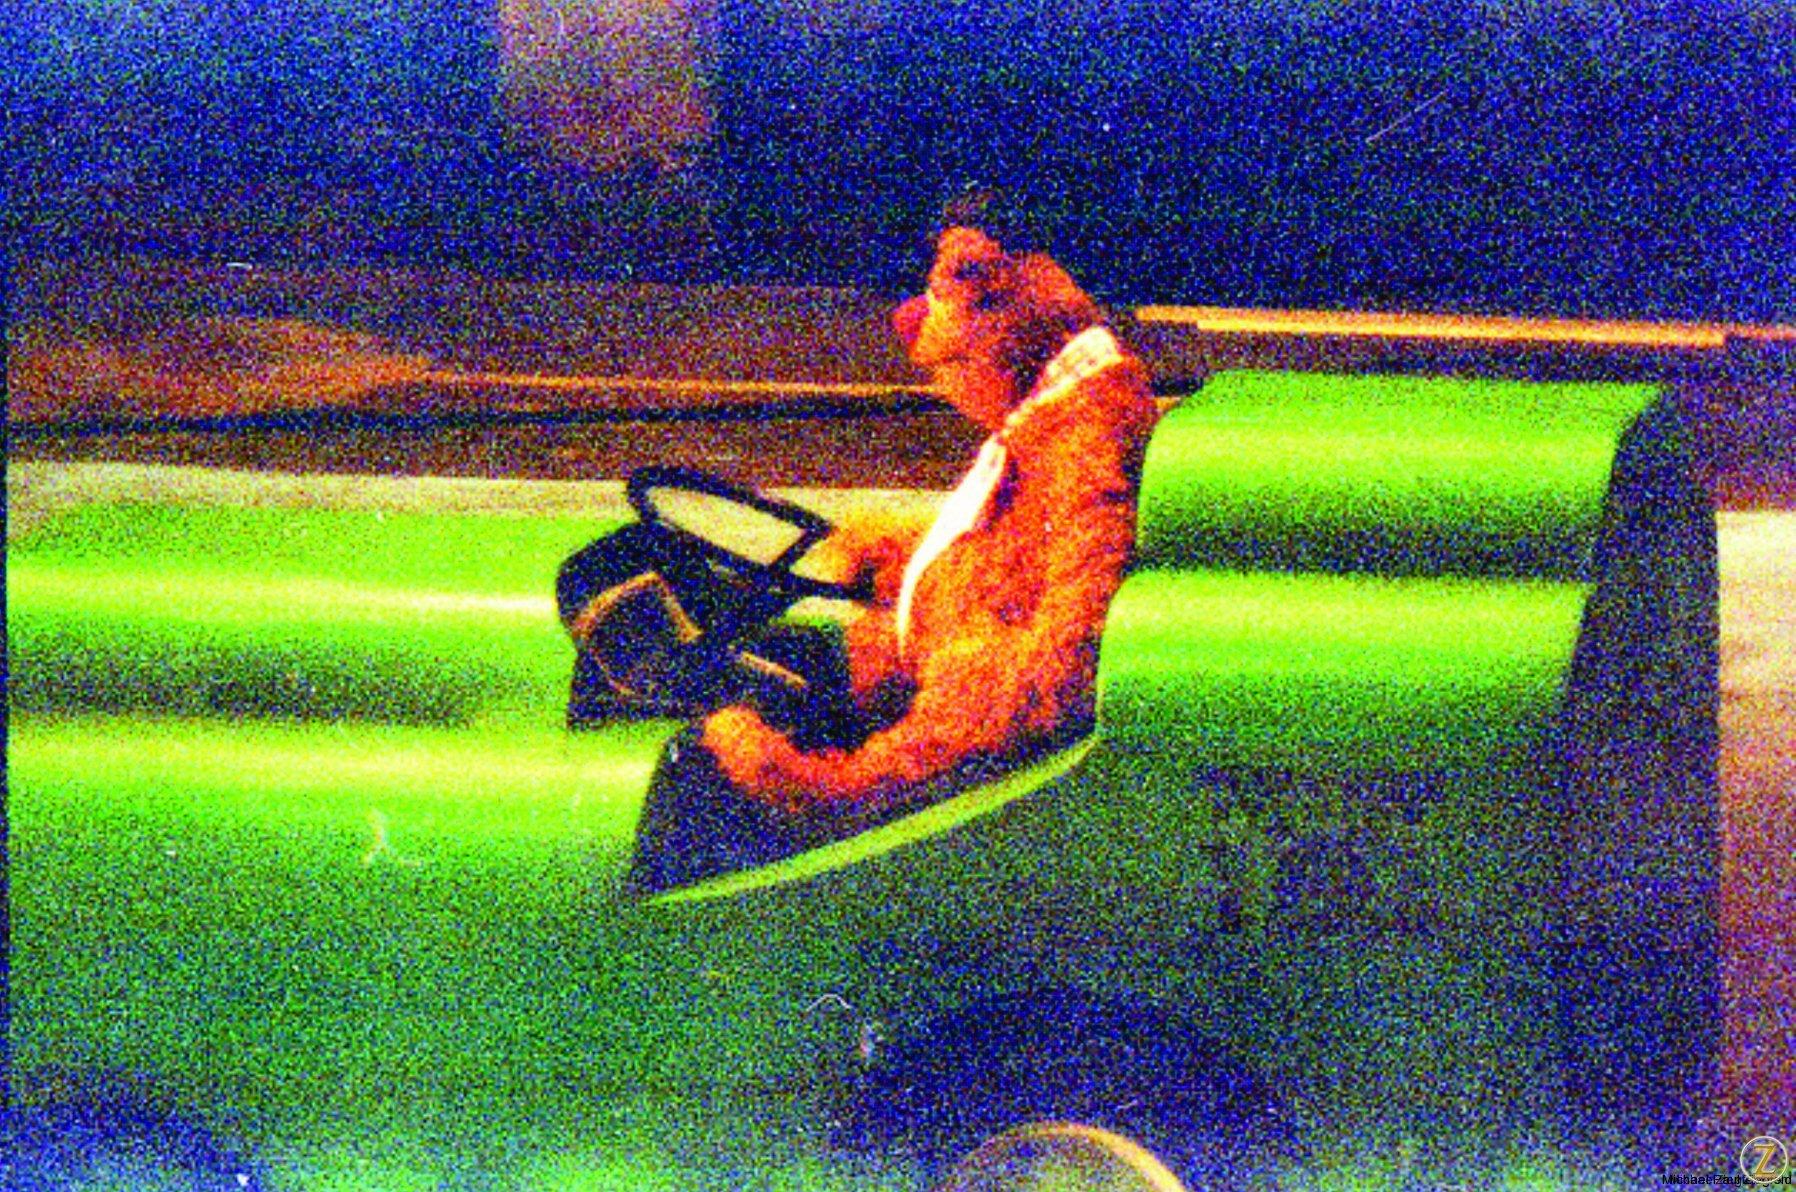 Fozzie bear - Muppet Movie 1979